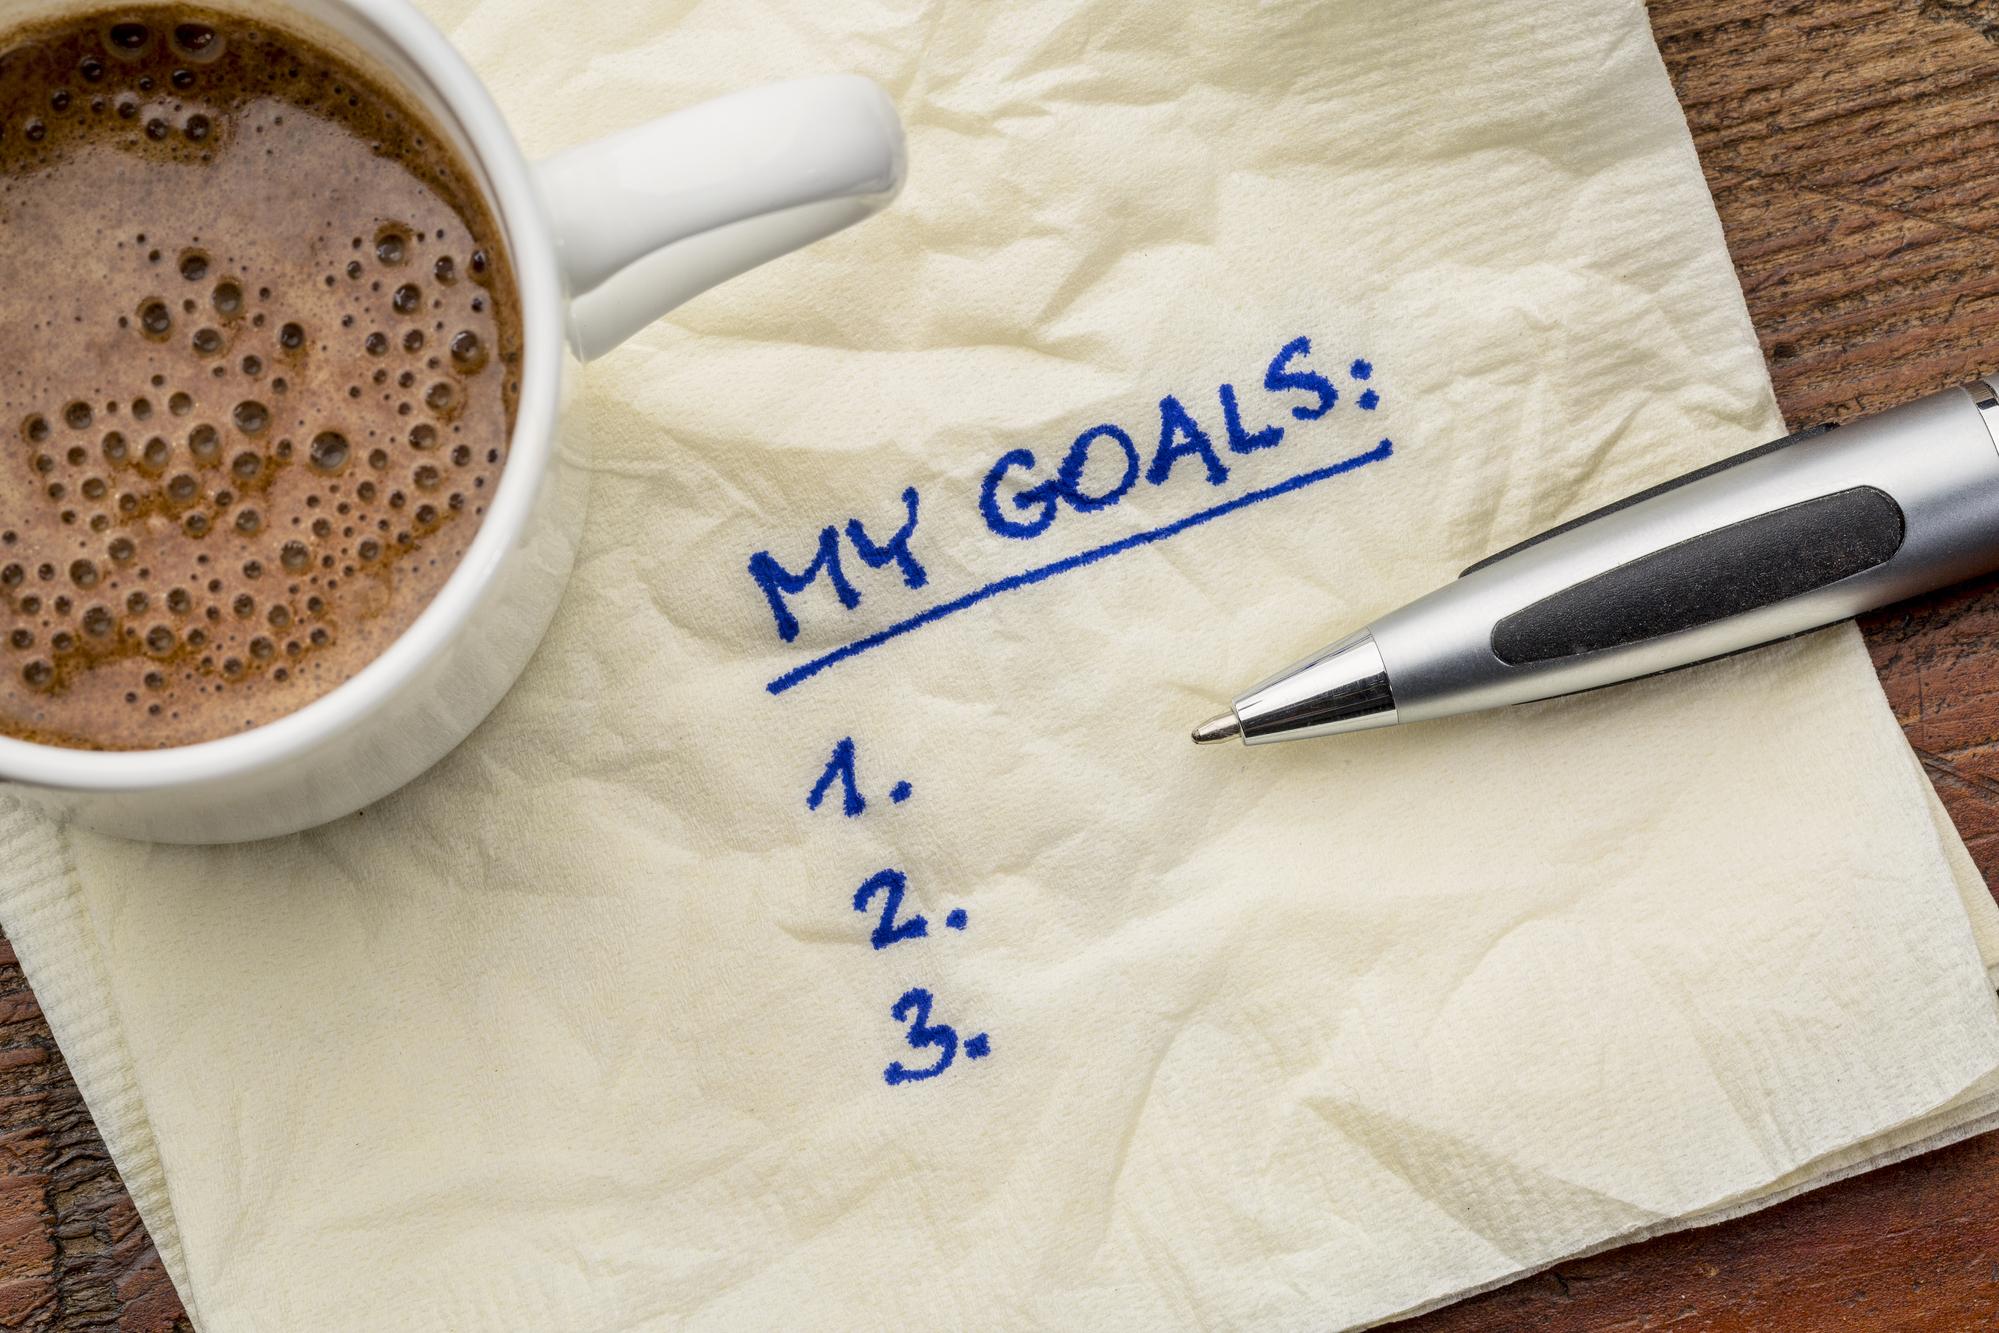 Goals list on napkin